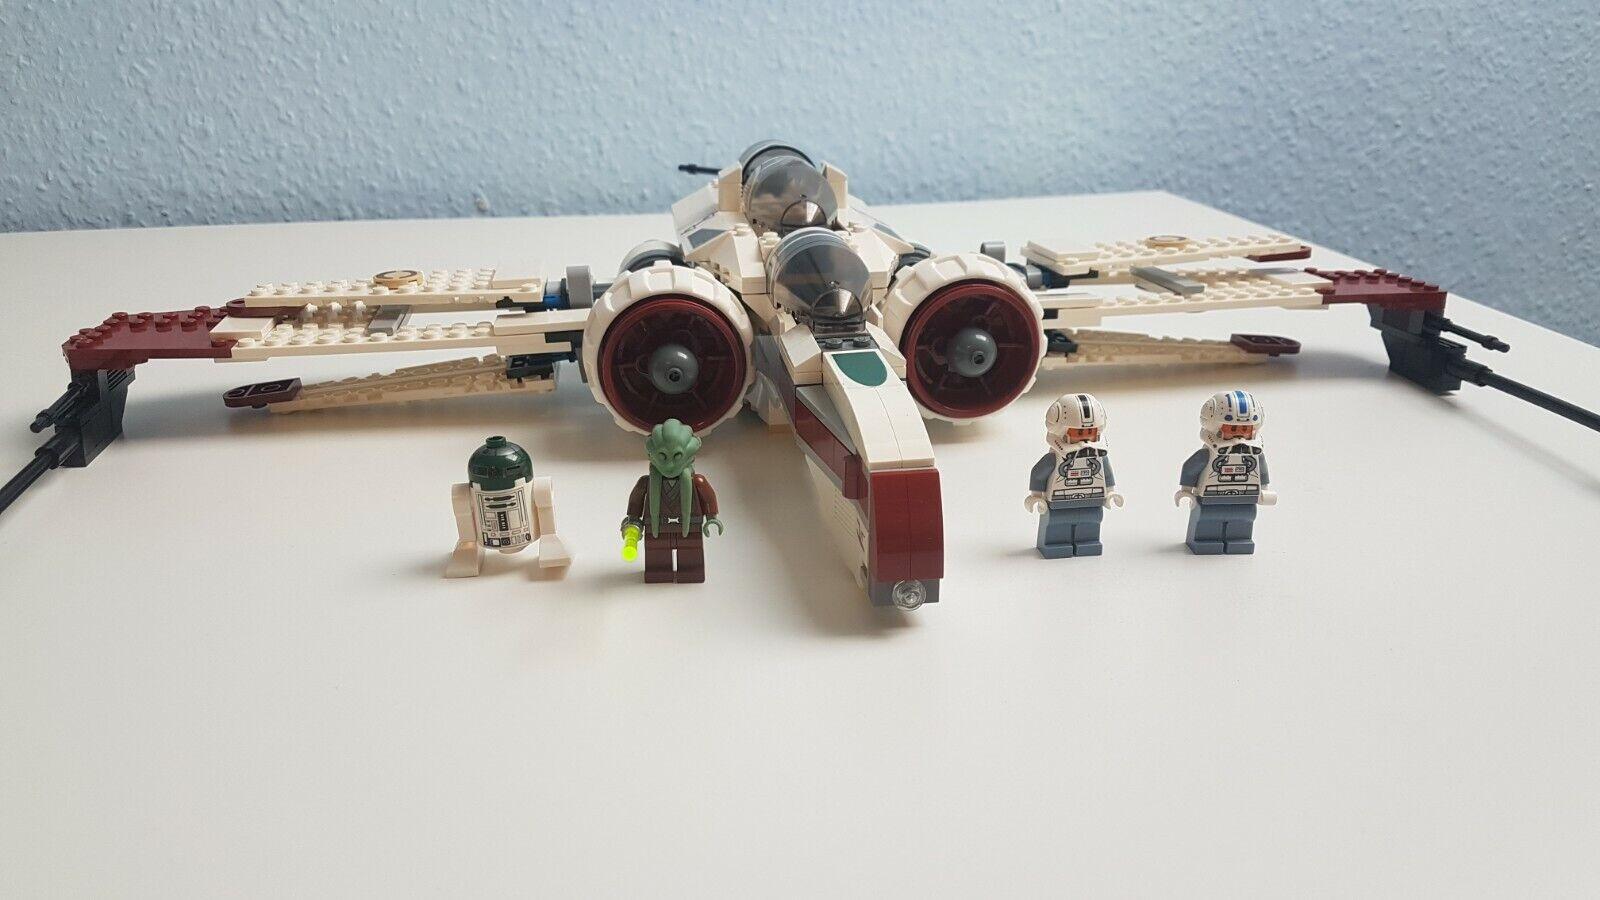 Lego Star Wars 8088 - - - ARC-170 Starfighter - Guter Zustand 7b6225